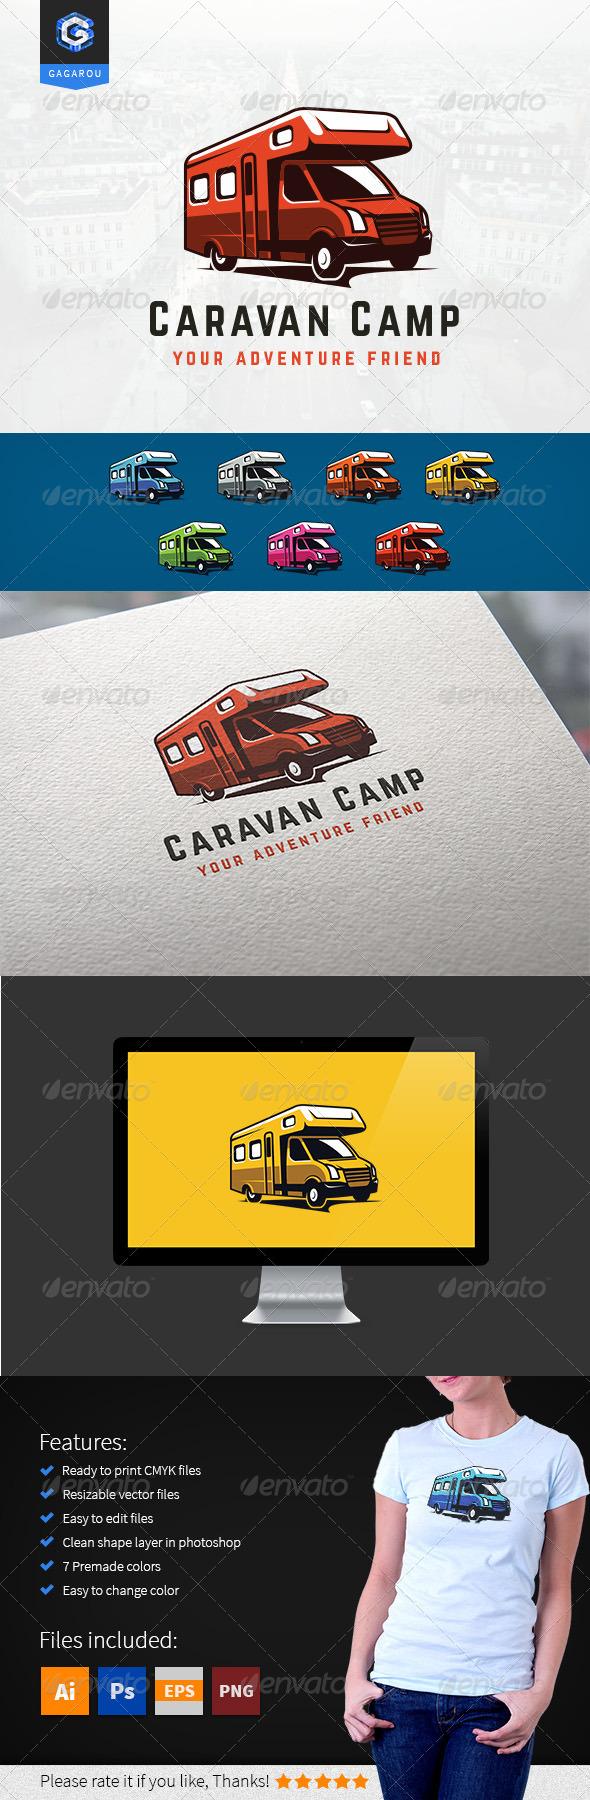 GraphicRiver Caravan Camp logo 8523008